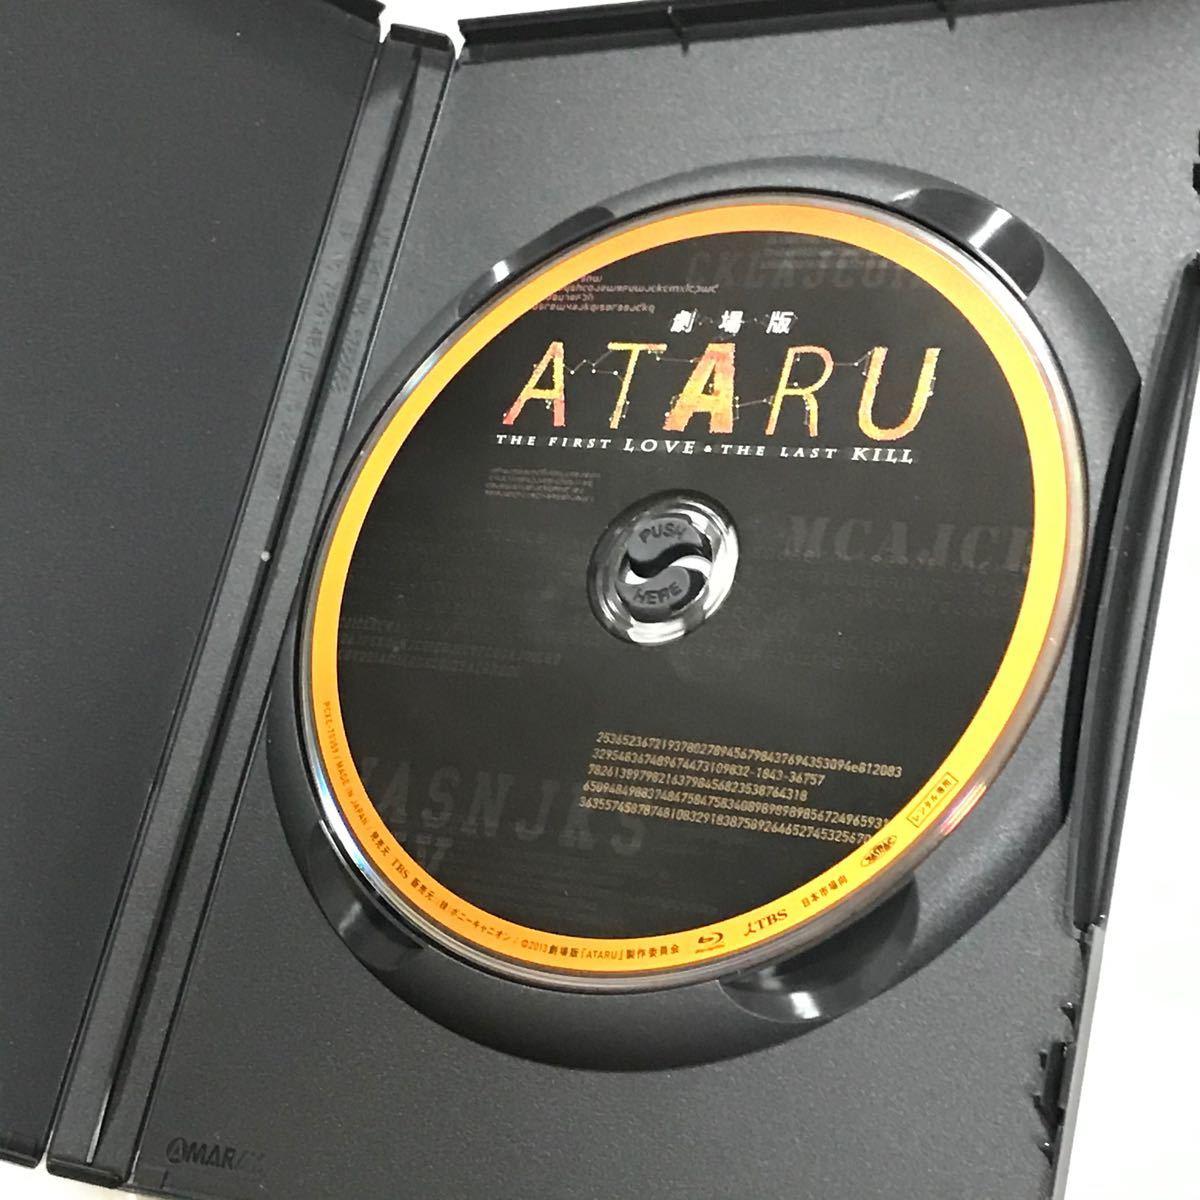 劇場版 ATARU THE FIRST LOVE & THE LAST KILL ブルーレイディスク ブルーレイ